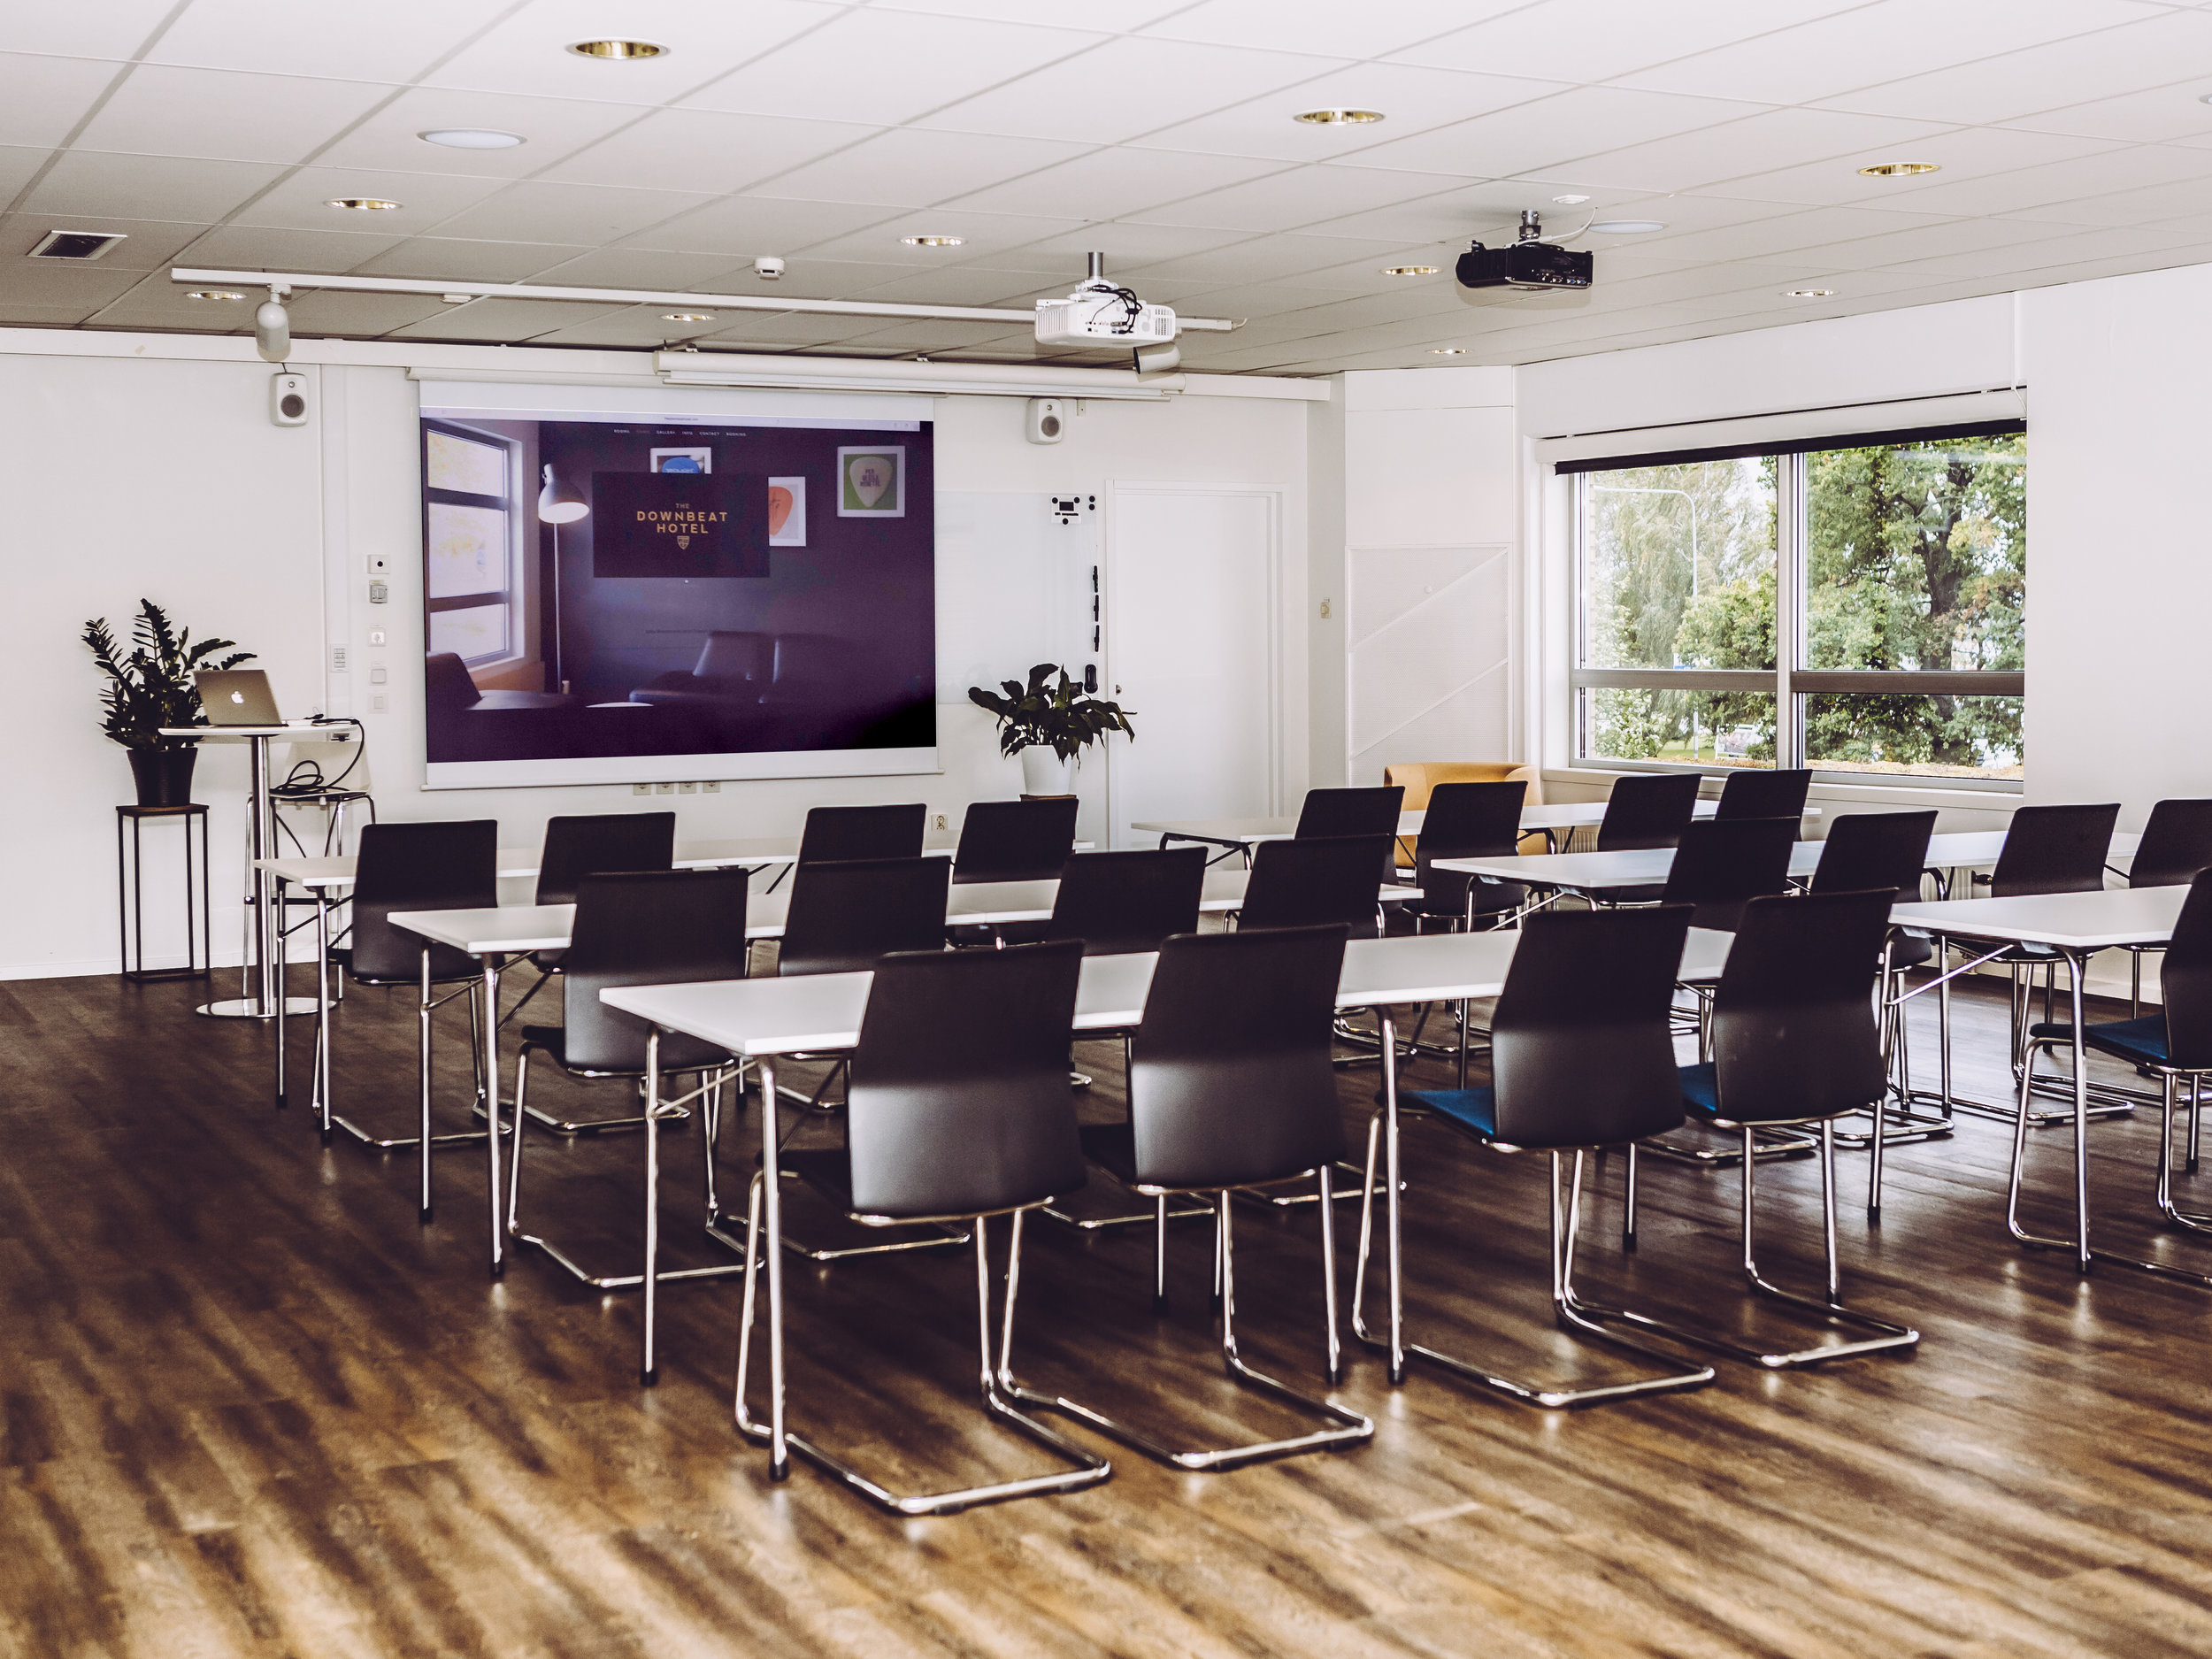 Vi erbjuder färdiga konferenspaket – allt från heldagskonferenser till expressmöten efter dina önskemål - I nyrenoverade, ljusa lokaler med modern utrustning och personlig service ser vi till att du kan hålla konstruktiva möten, kreativa workshops och inspirerande föreläsningar.